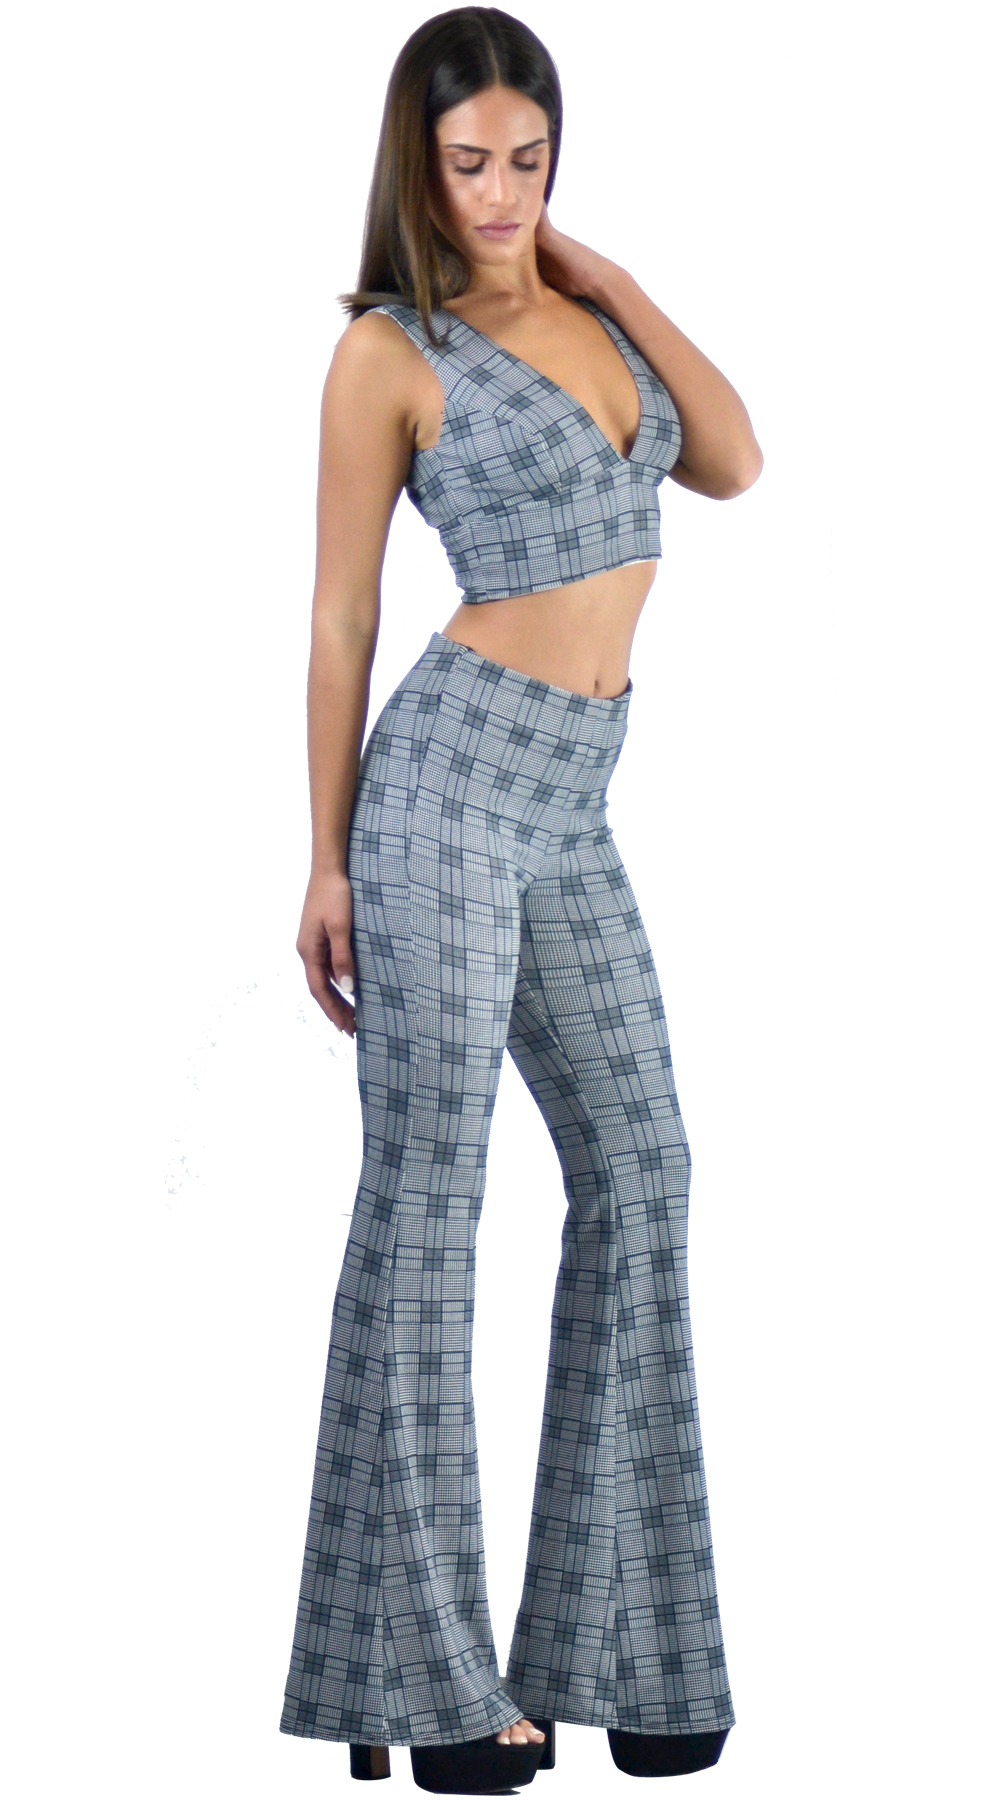 Σετ γυναικείο καρό τοπ και παντελόνι καμπάνα back to 70s Online - ONLINE - FA17O μπλούζες   t shirts elegant tops